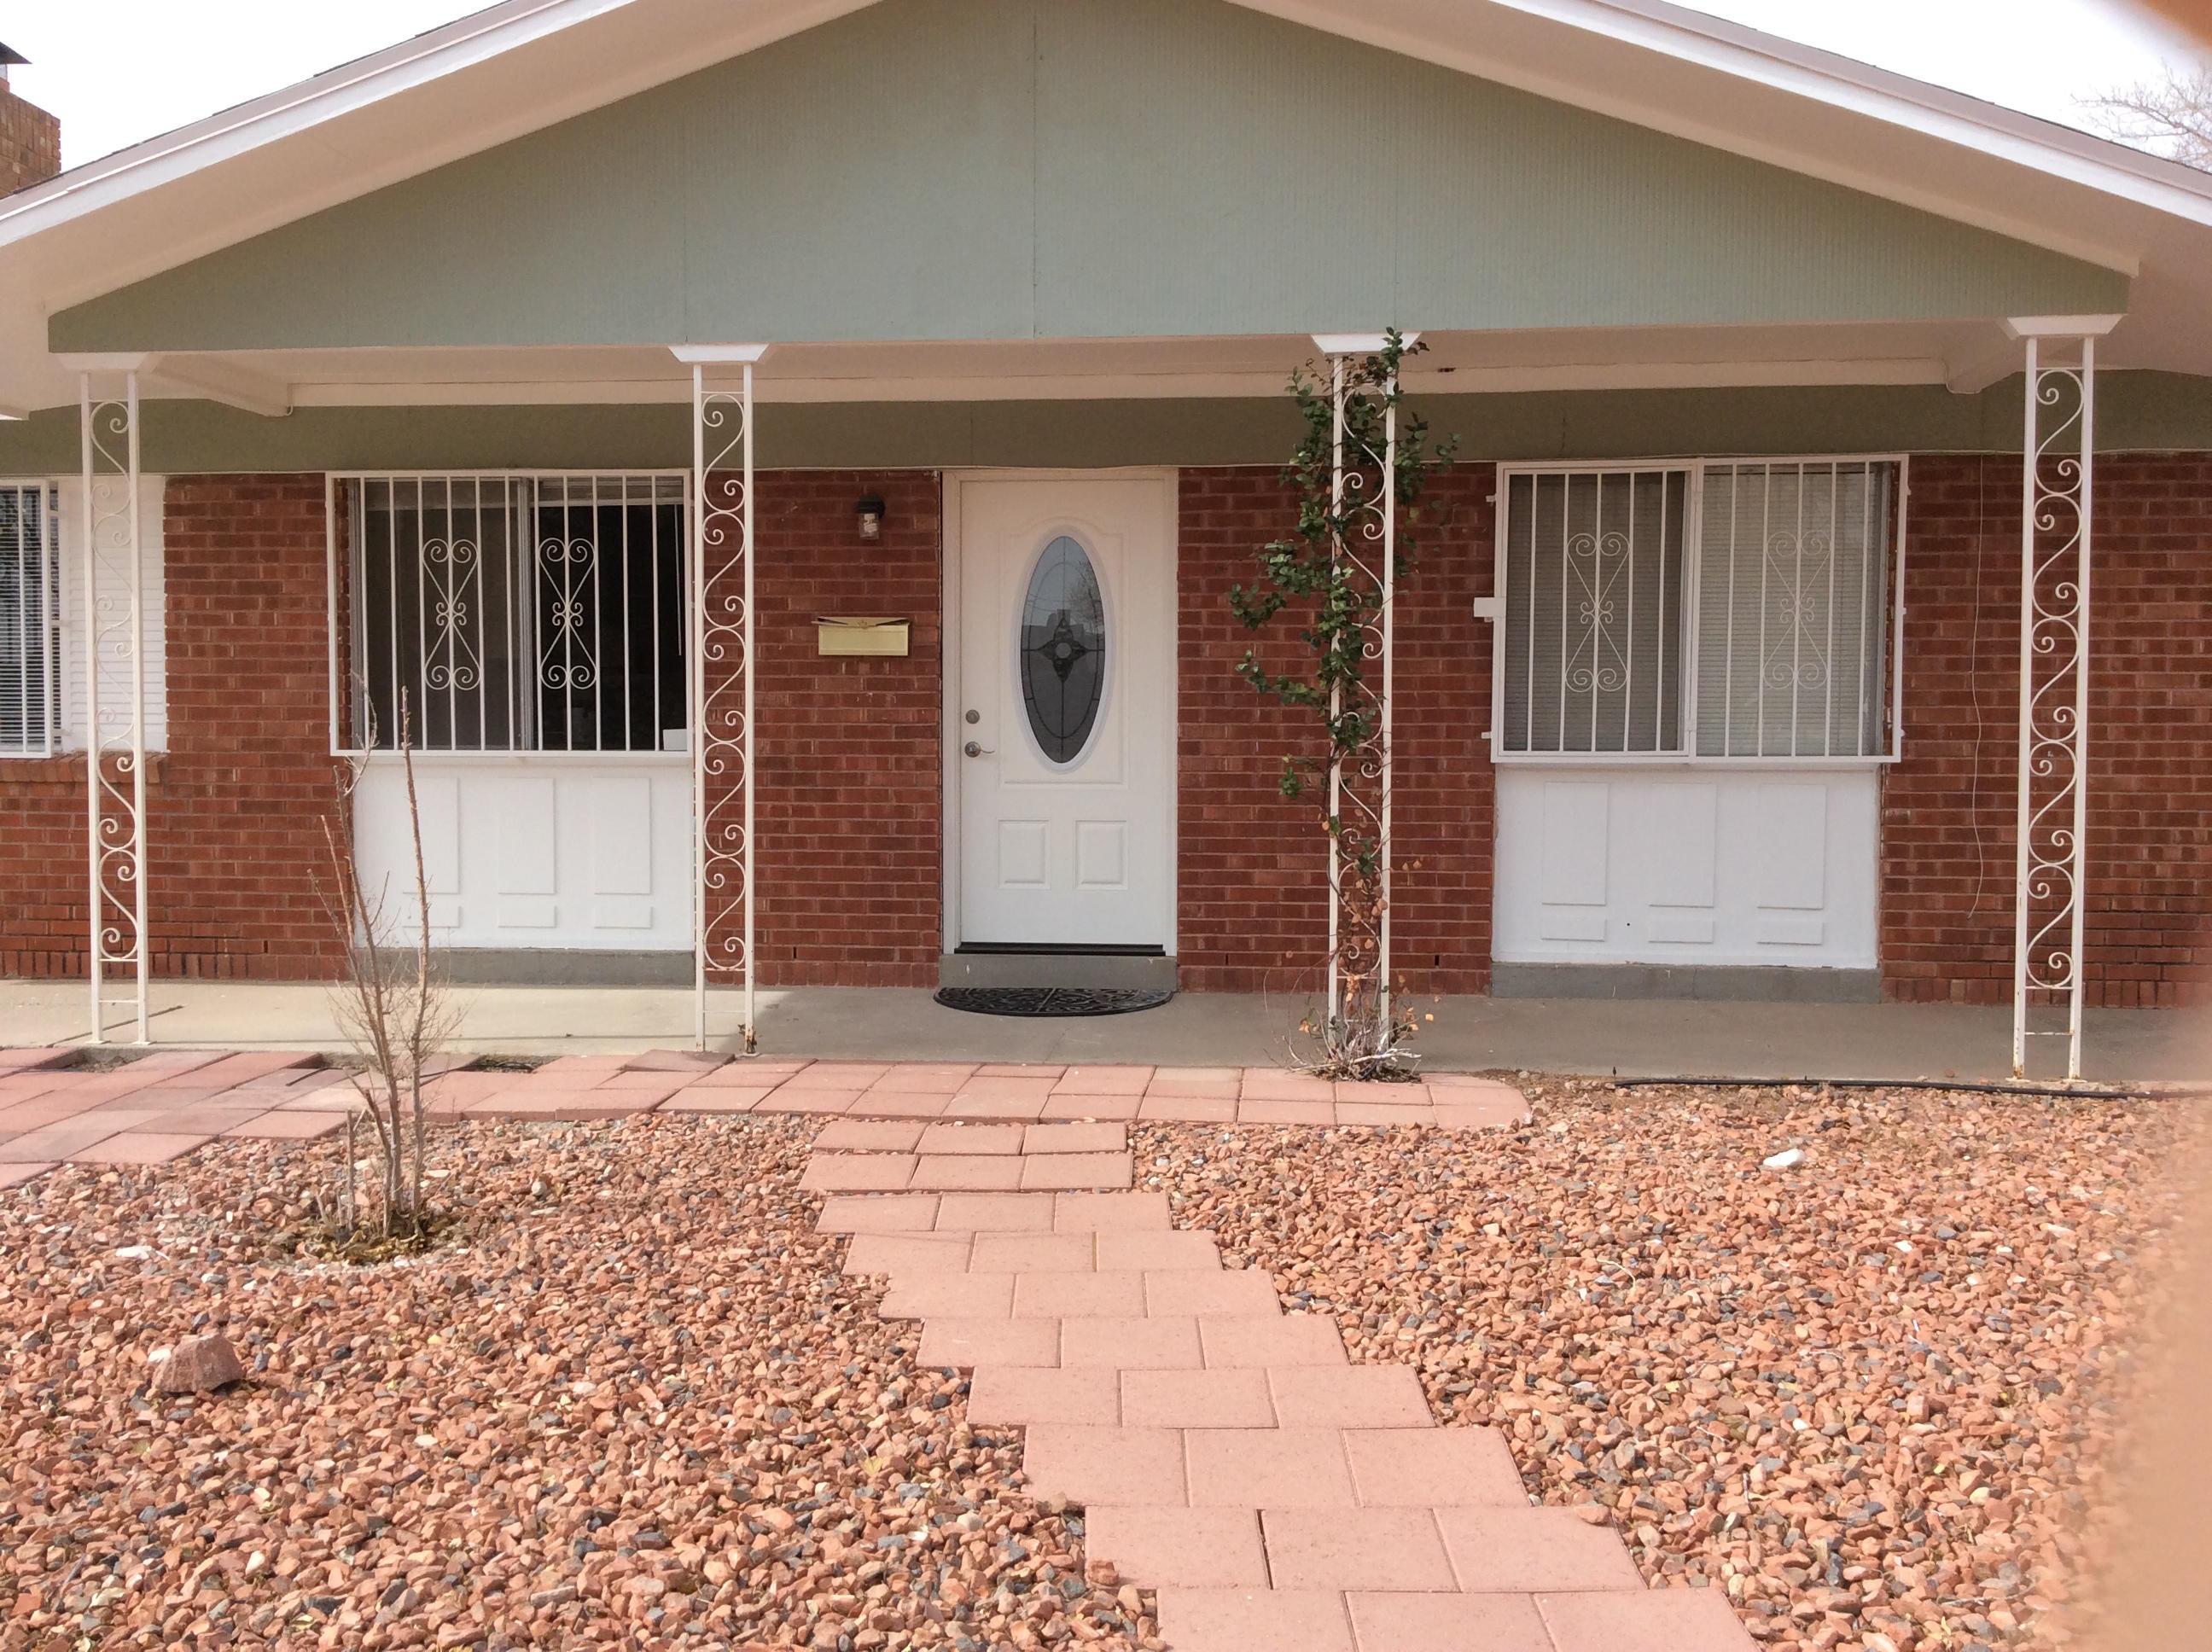 513 De Soto - house front